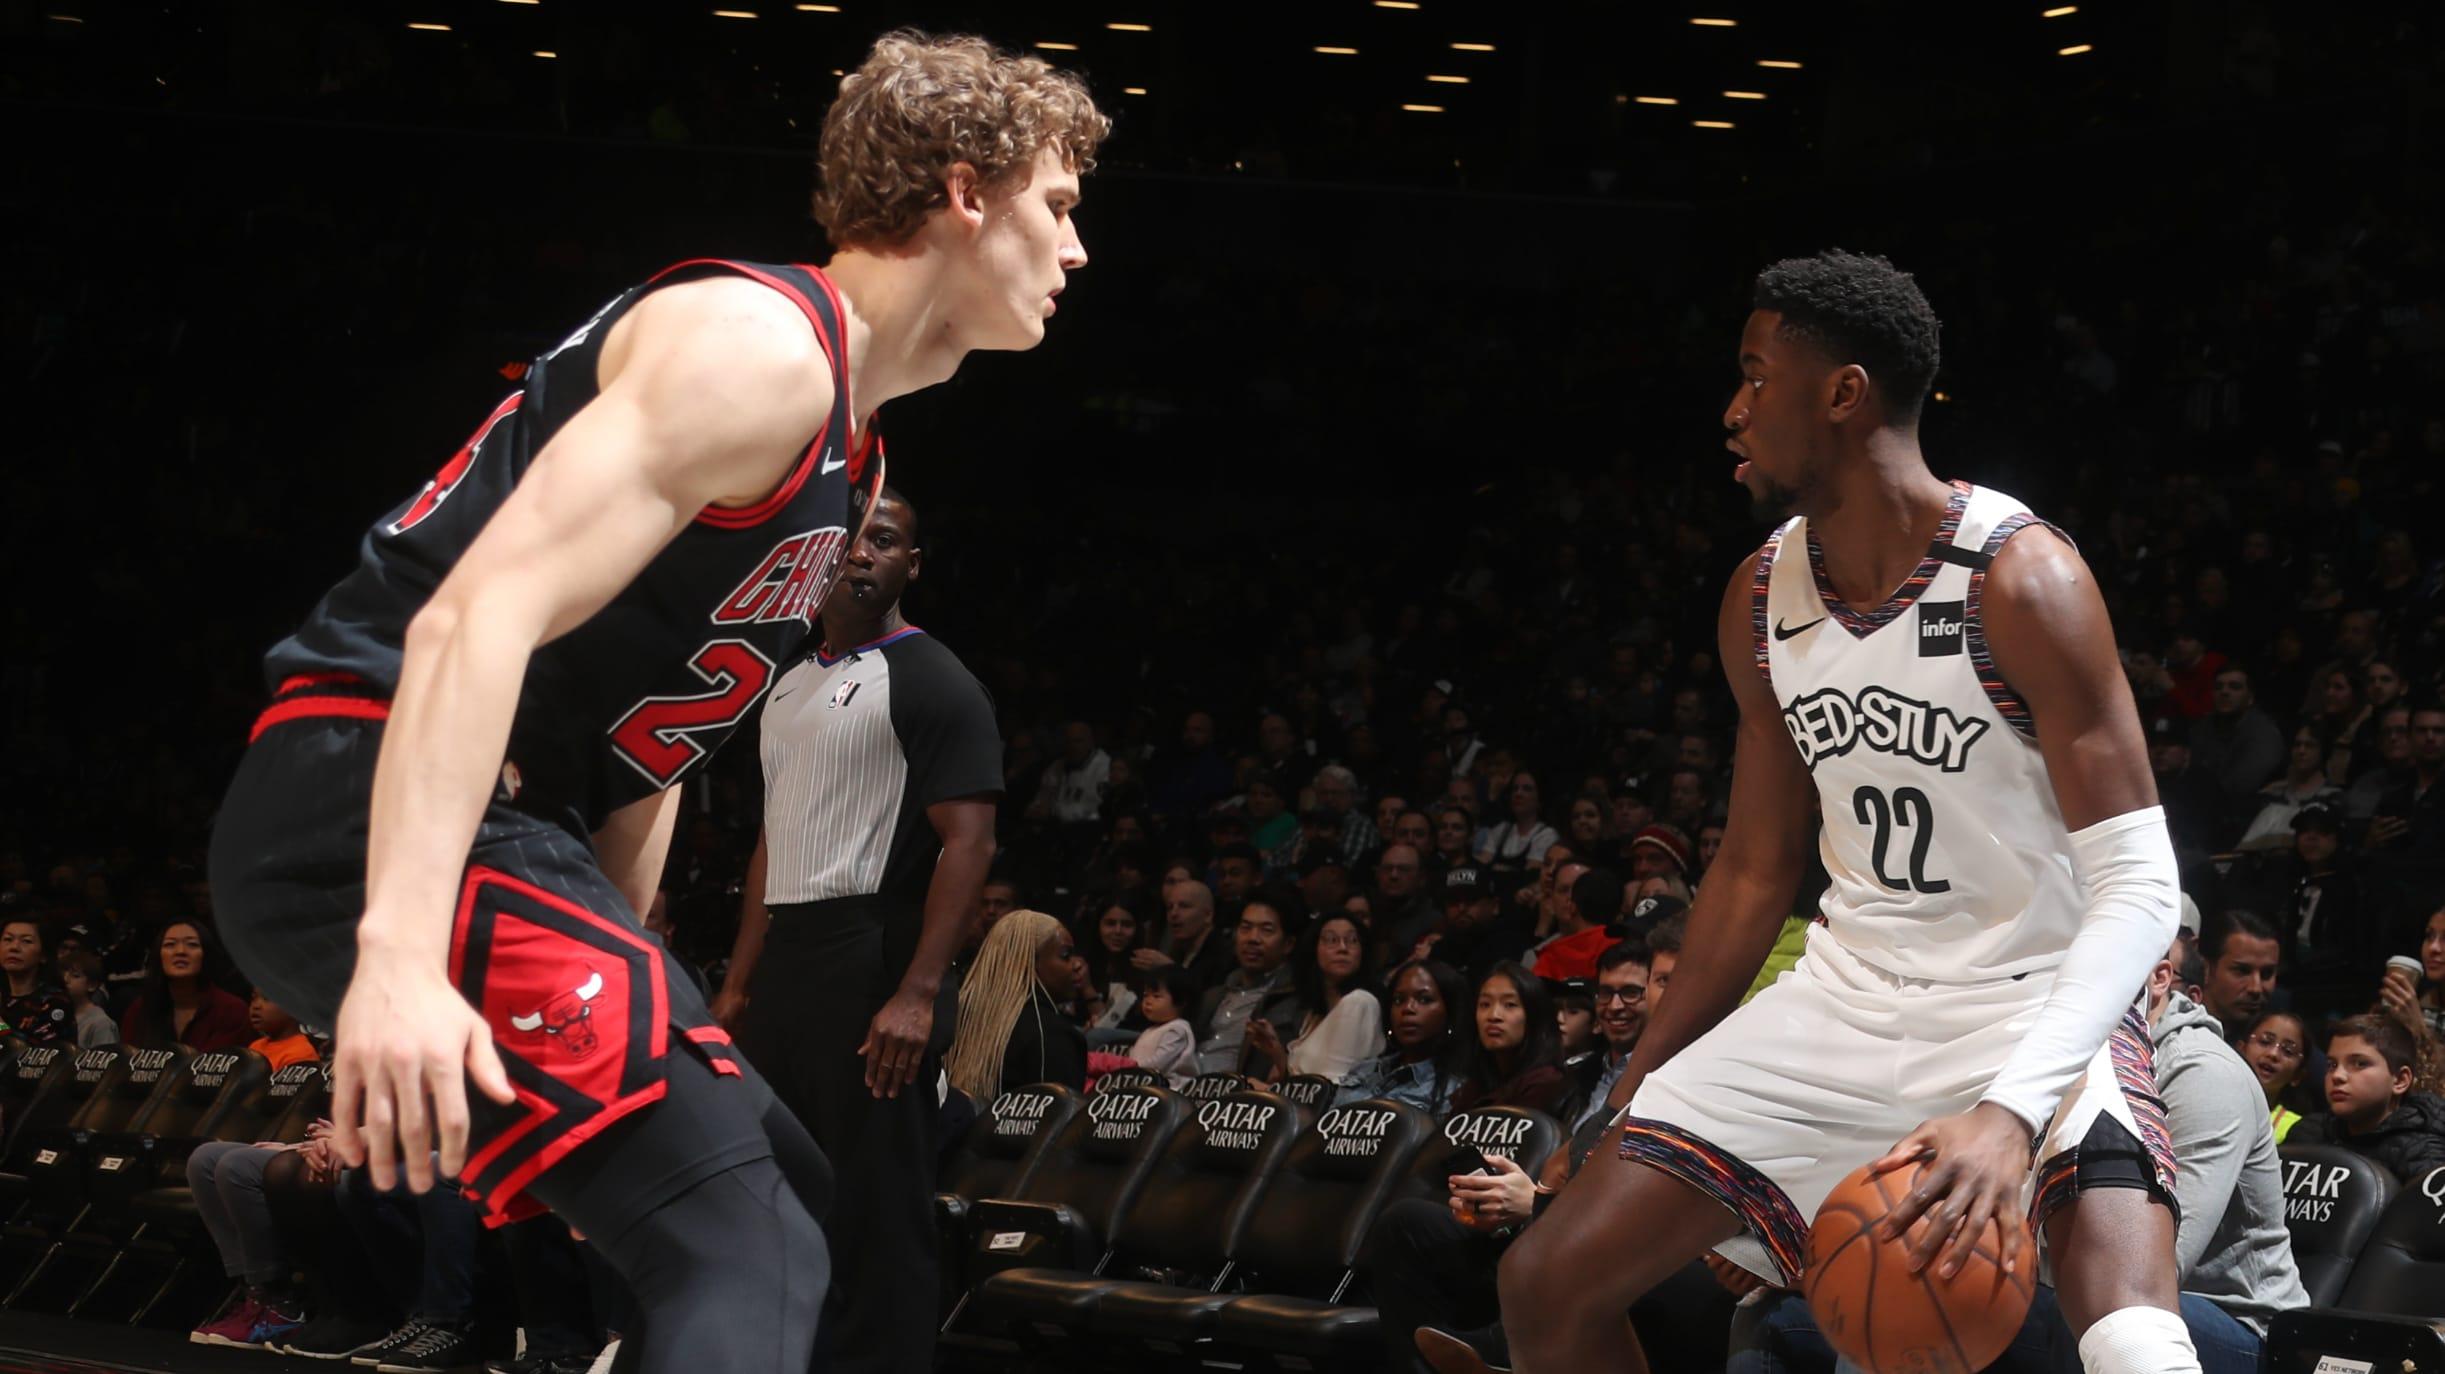 Bulls @ Nets